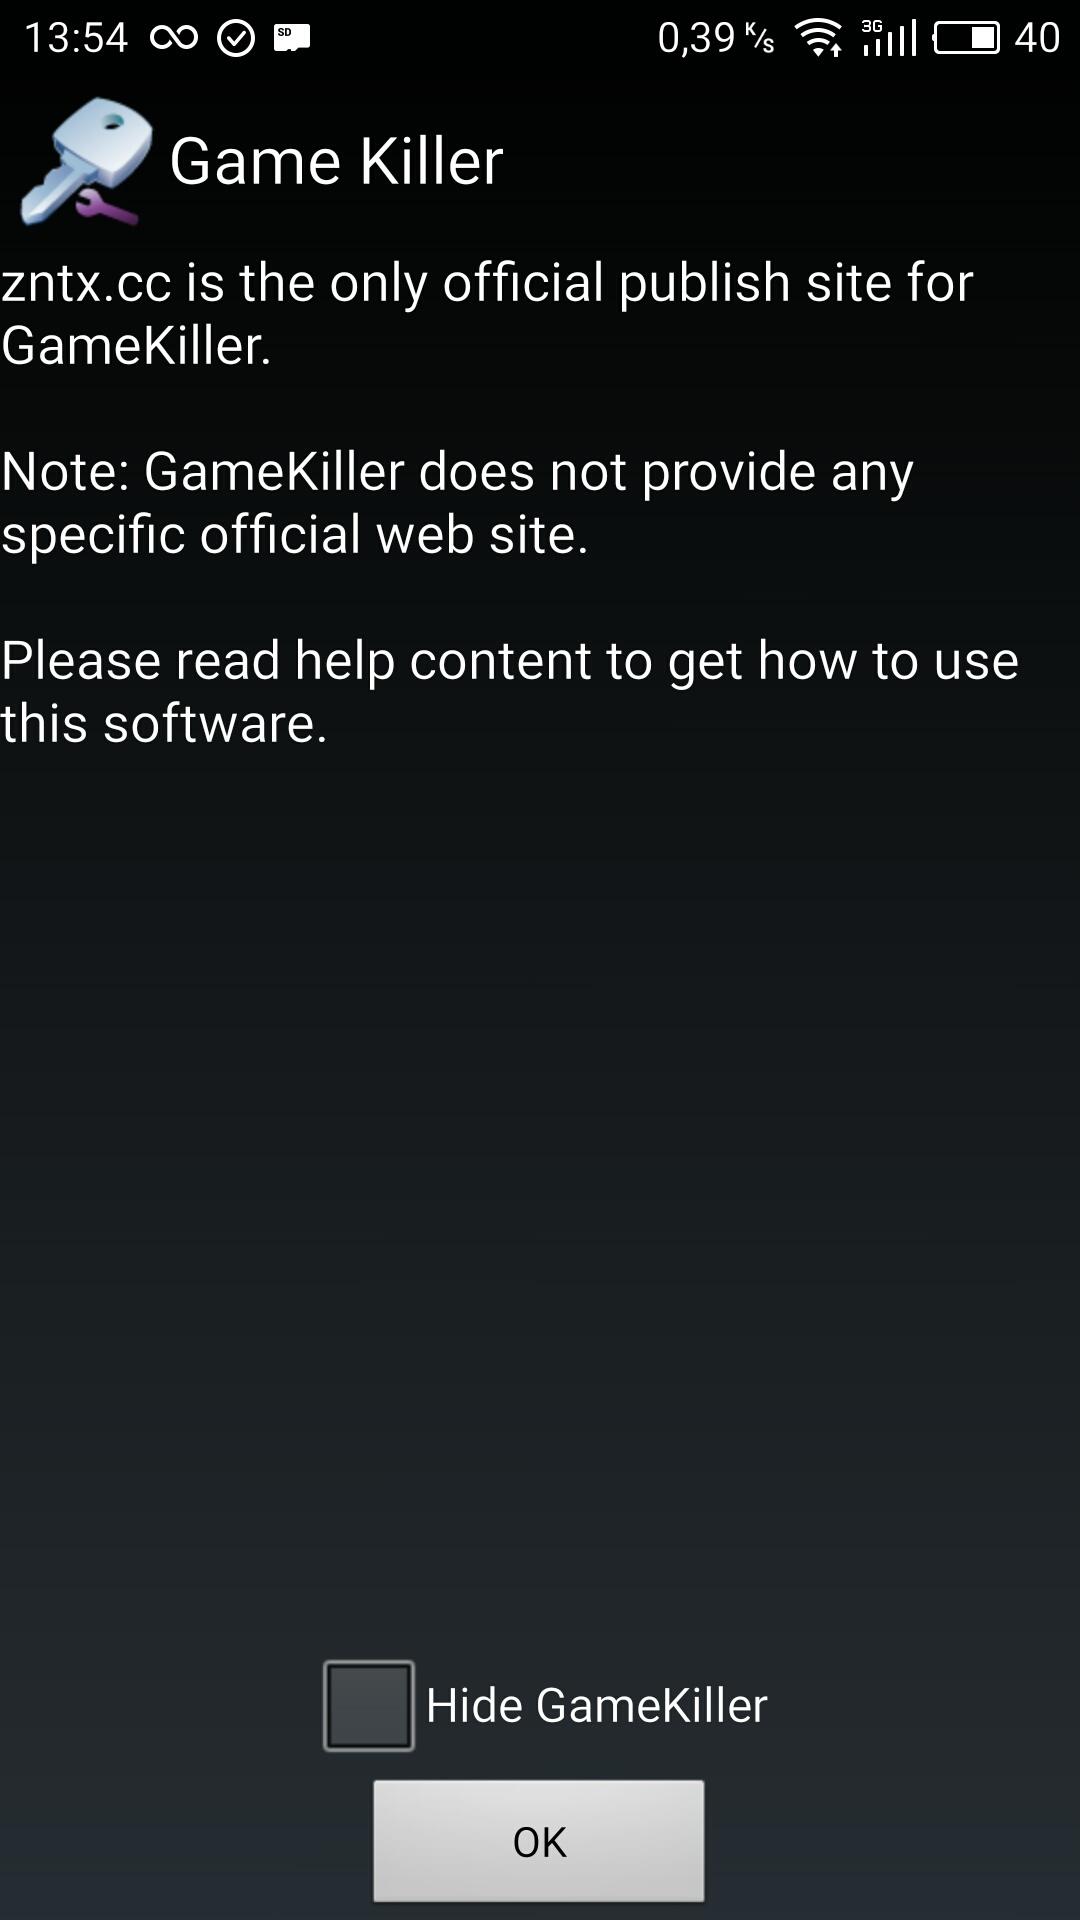 скачать последнюю версию game killer